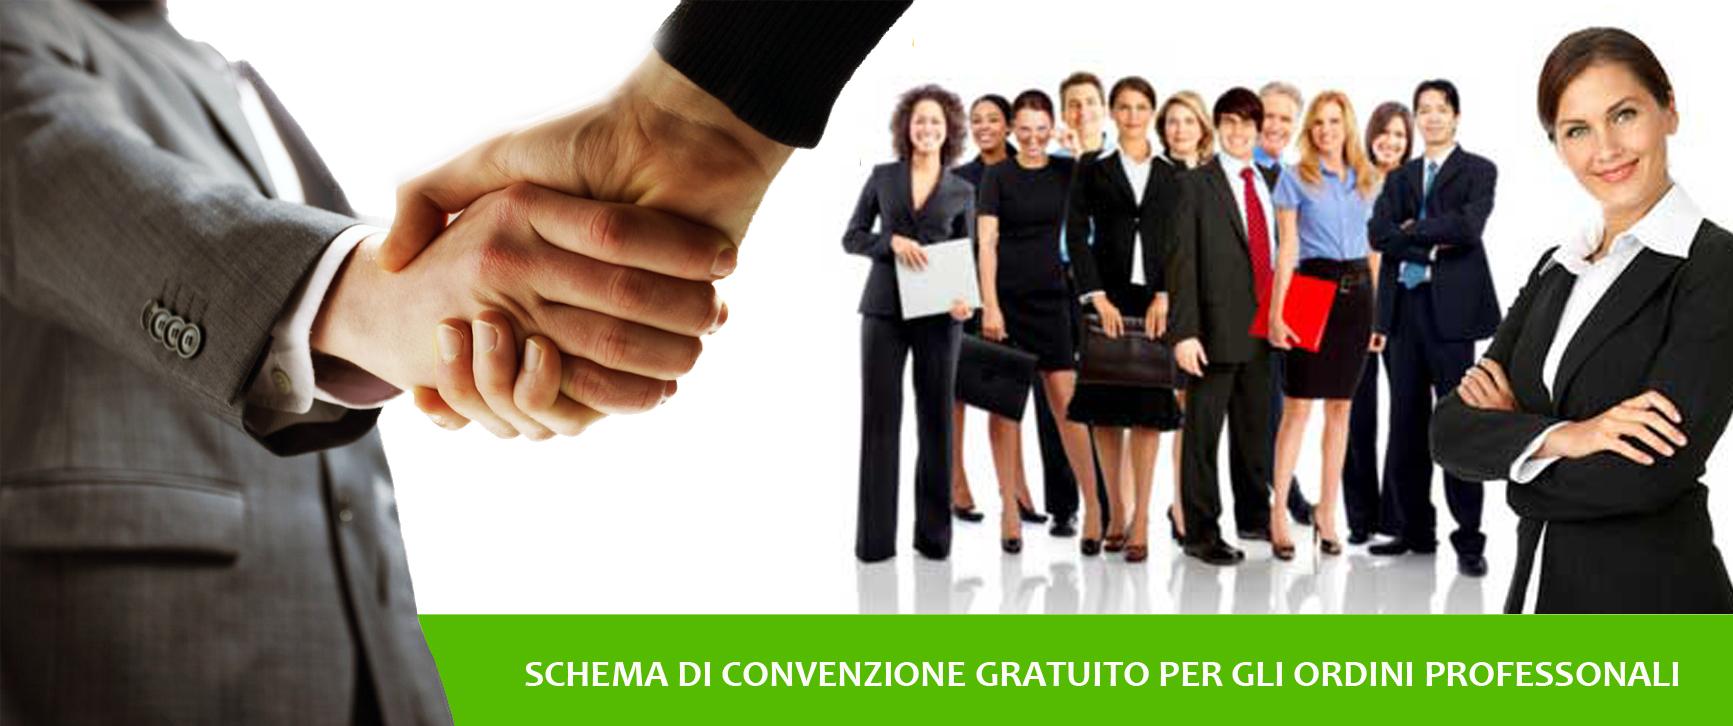 Convenzione Ordini Professionali